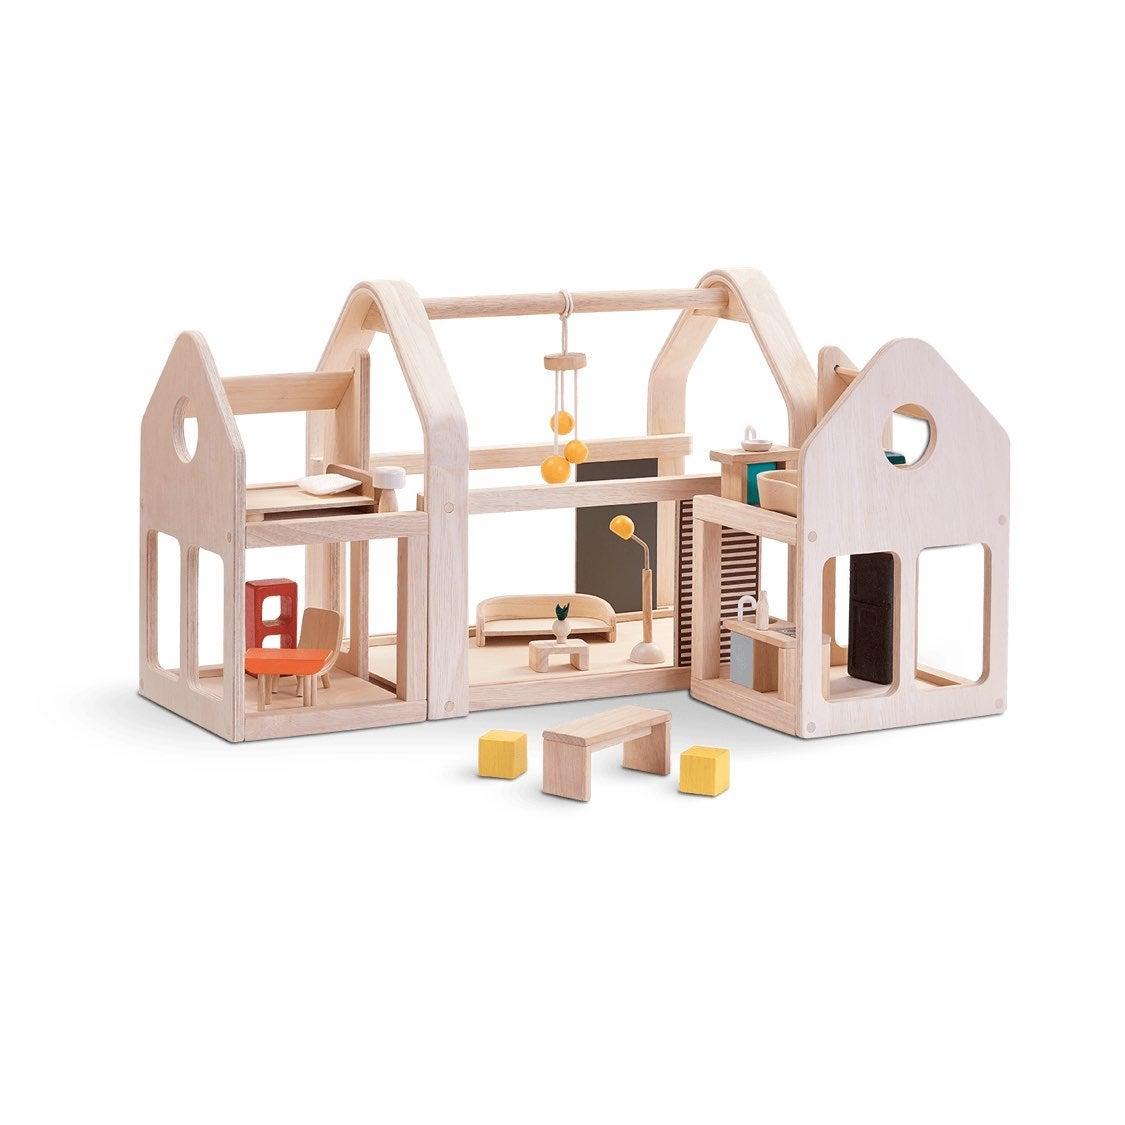 NEW* Plan Toys Slide N Go Dollhouse